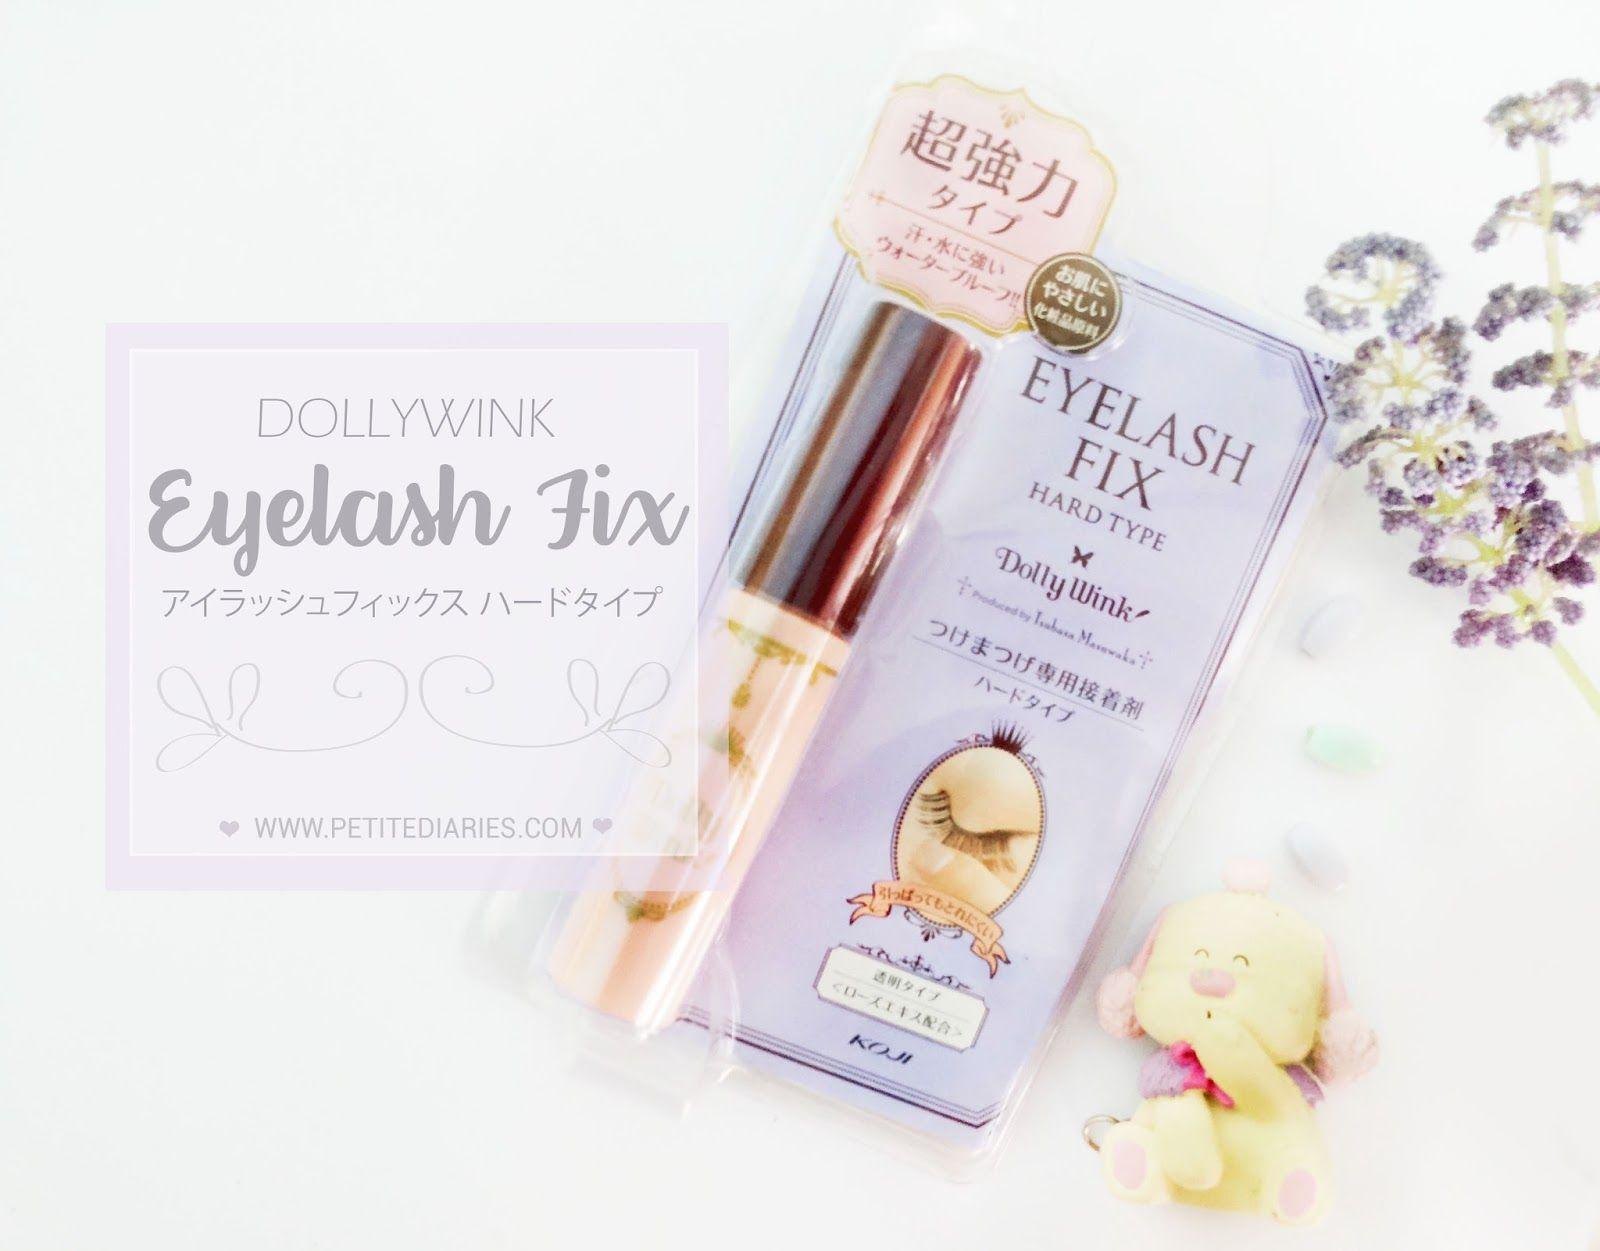 Koji Dollywink Eyelash Fix Hard Type Review Httpwww